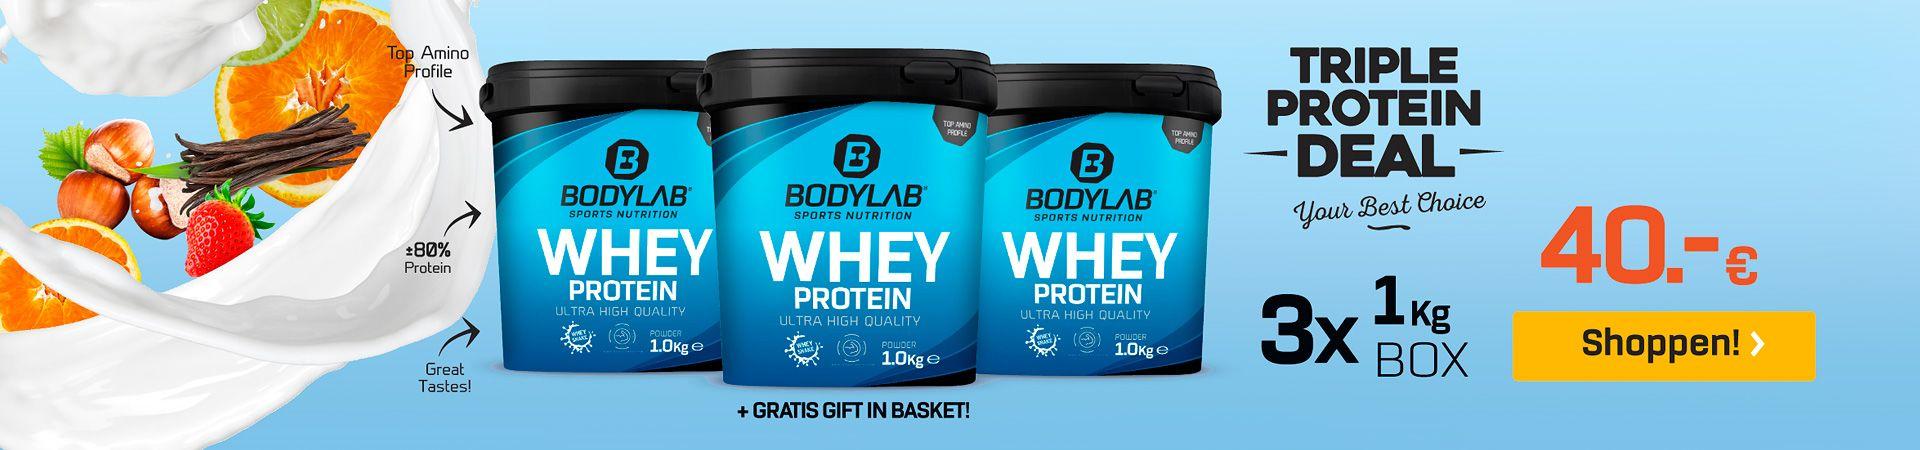 blauwe achtergrond met Whey Protein van Bodylab en de verwijzing naar het aanbod, Fruit en melk aan de linkerkant